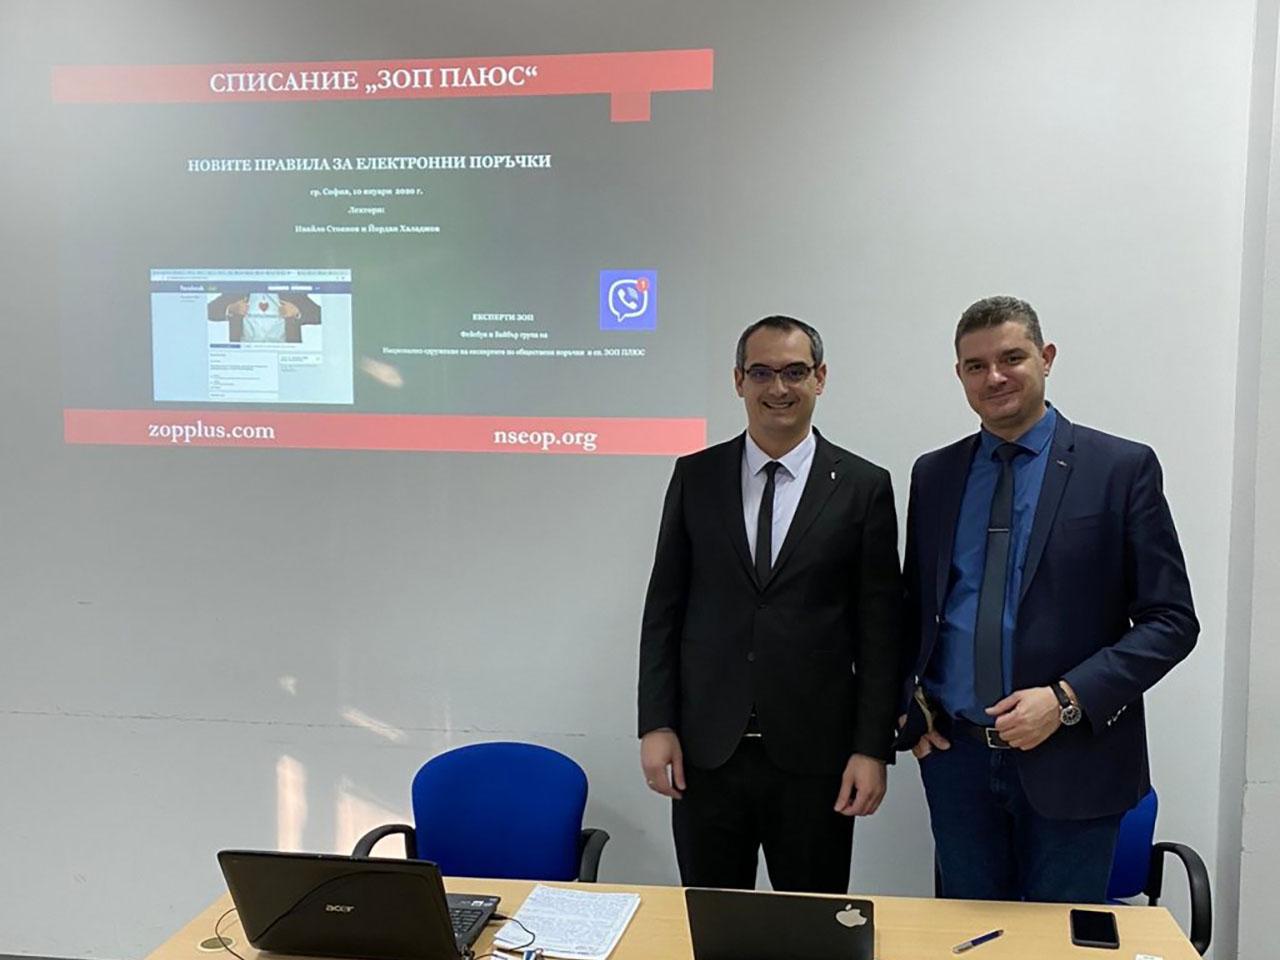 Обучение София 2020